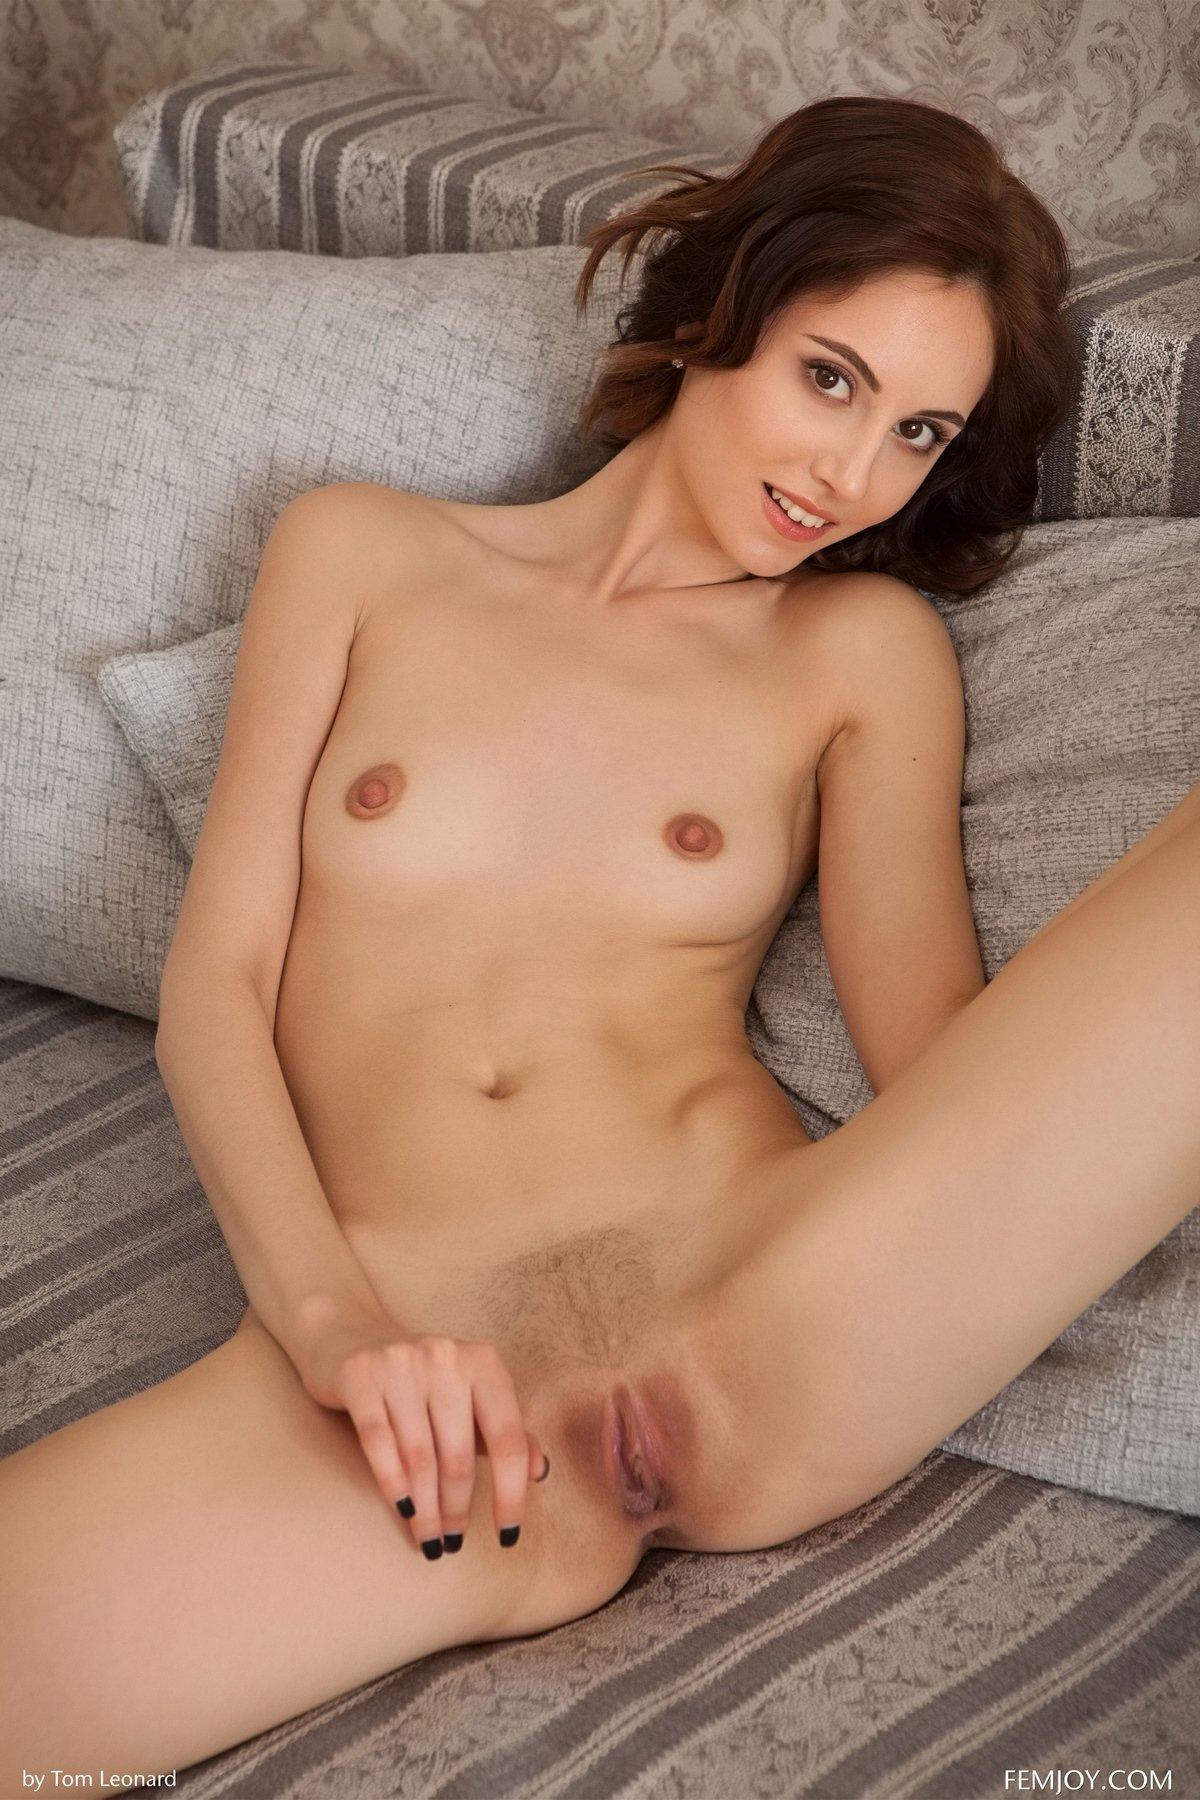 Костлявая брюнеточка с небольшими дойками и темными сексуальными сосочками